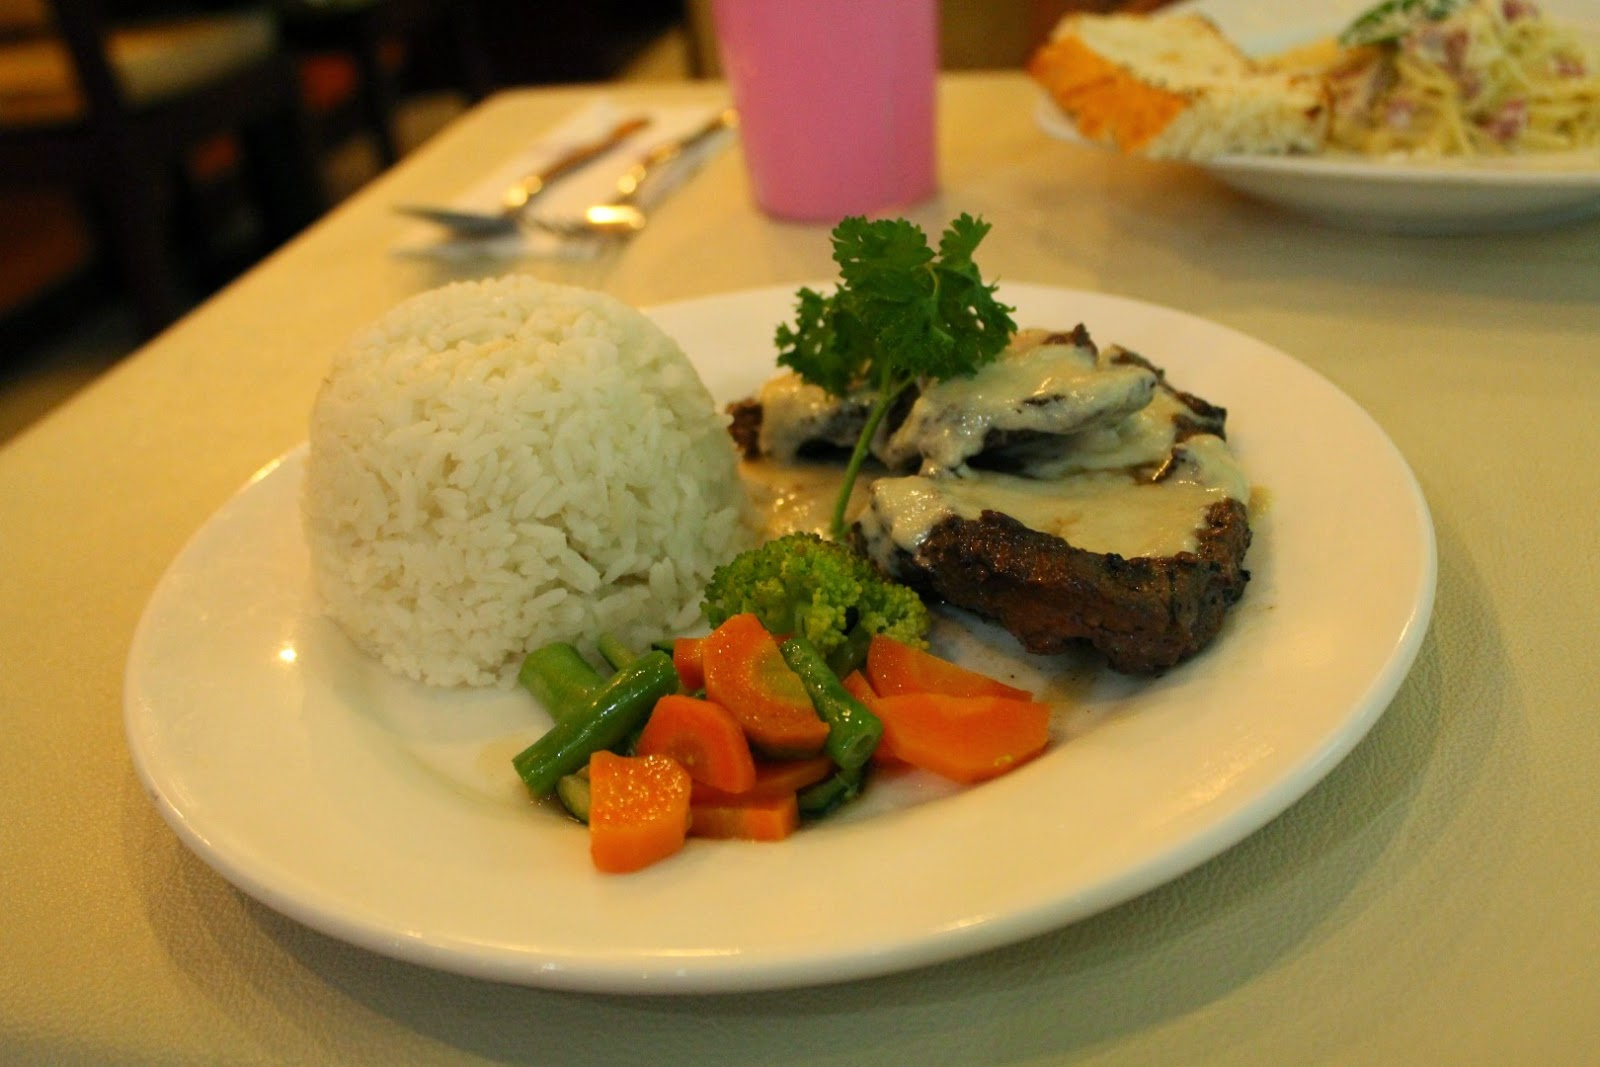 Berat Badan Turun 5 Kg dalam 2 Minggu dengan Diet Thonon, Amankah?